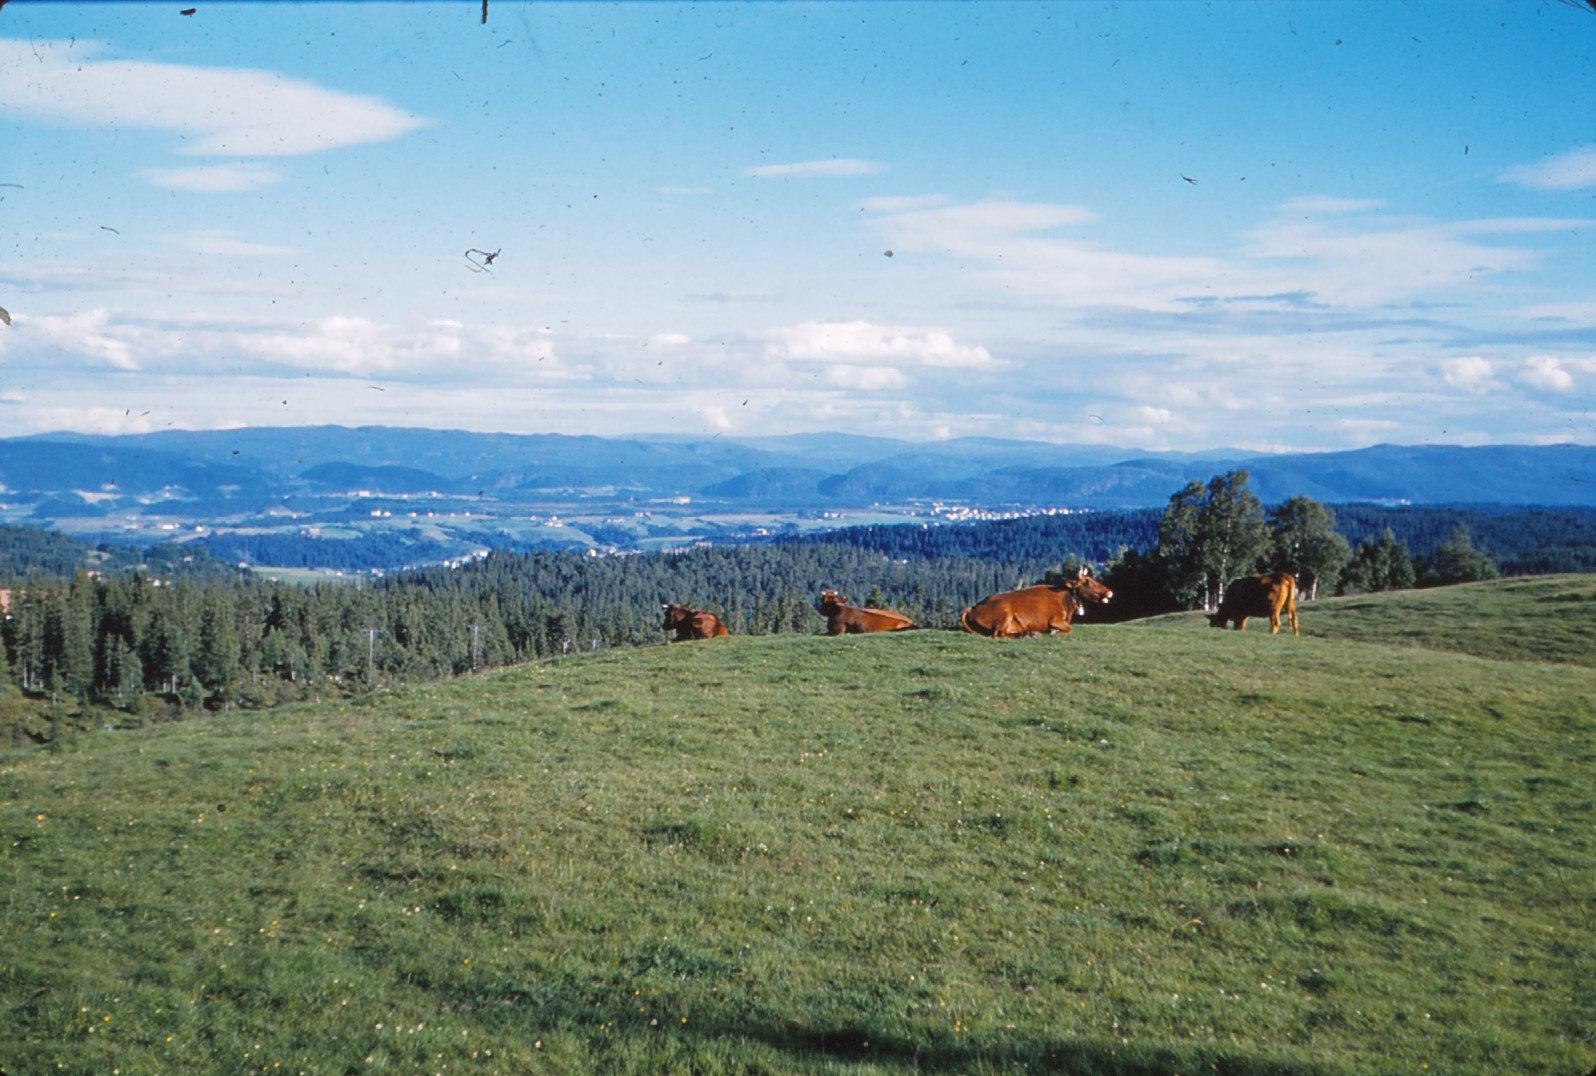 1154 (4) Landschap even buiten Trondheim, te bereiken met Gråkalbaan